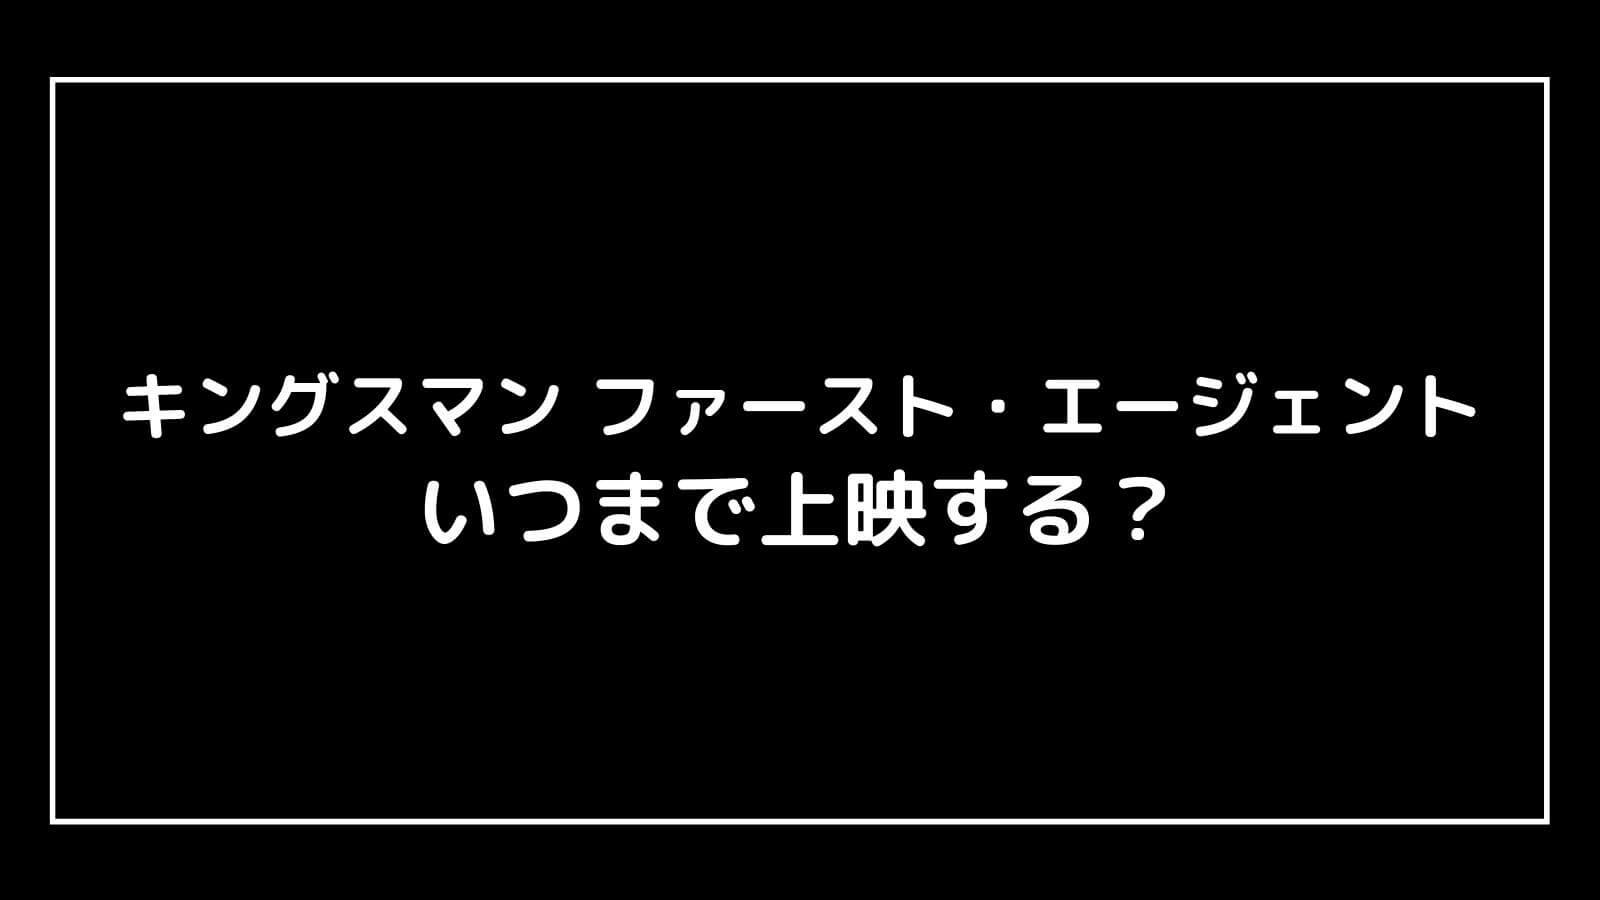 『キングスマン3 ファースト・エージェント』はいつまで上映する?元映画館社員が上映終了日を予想